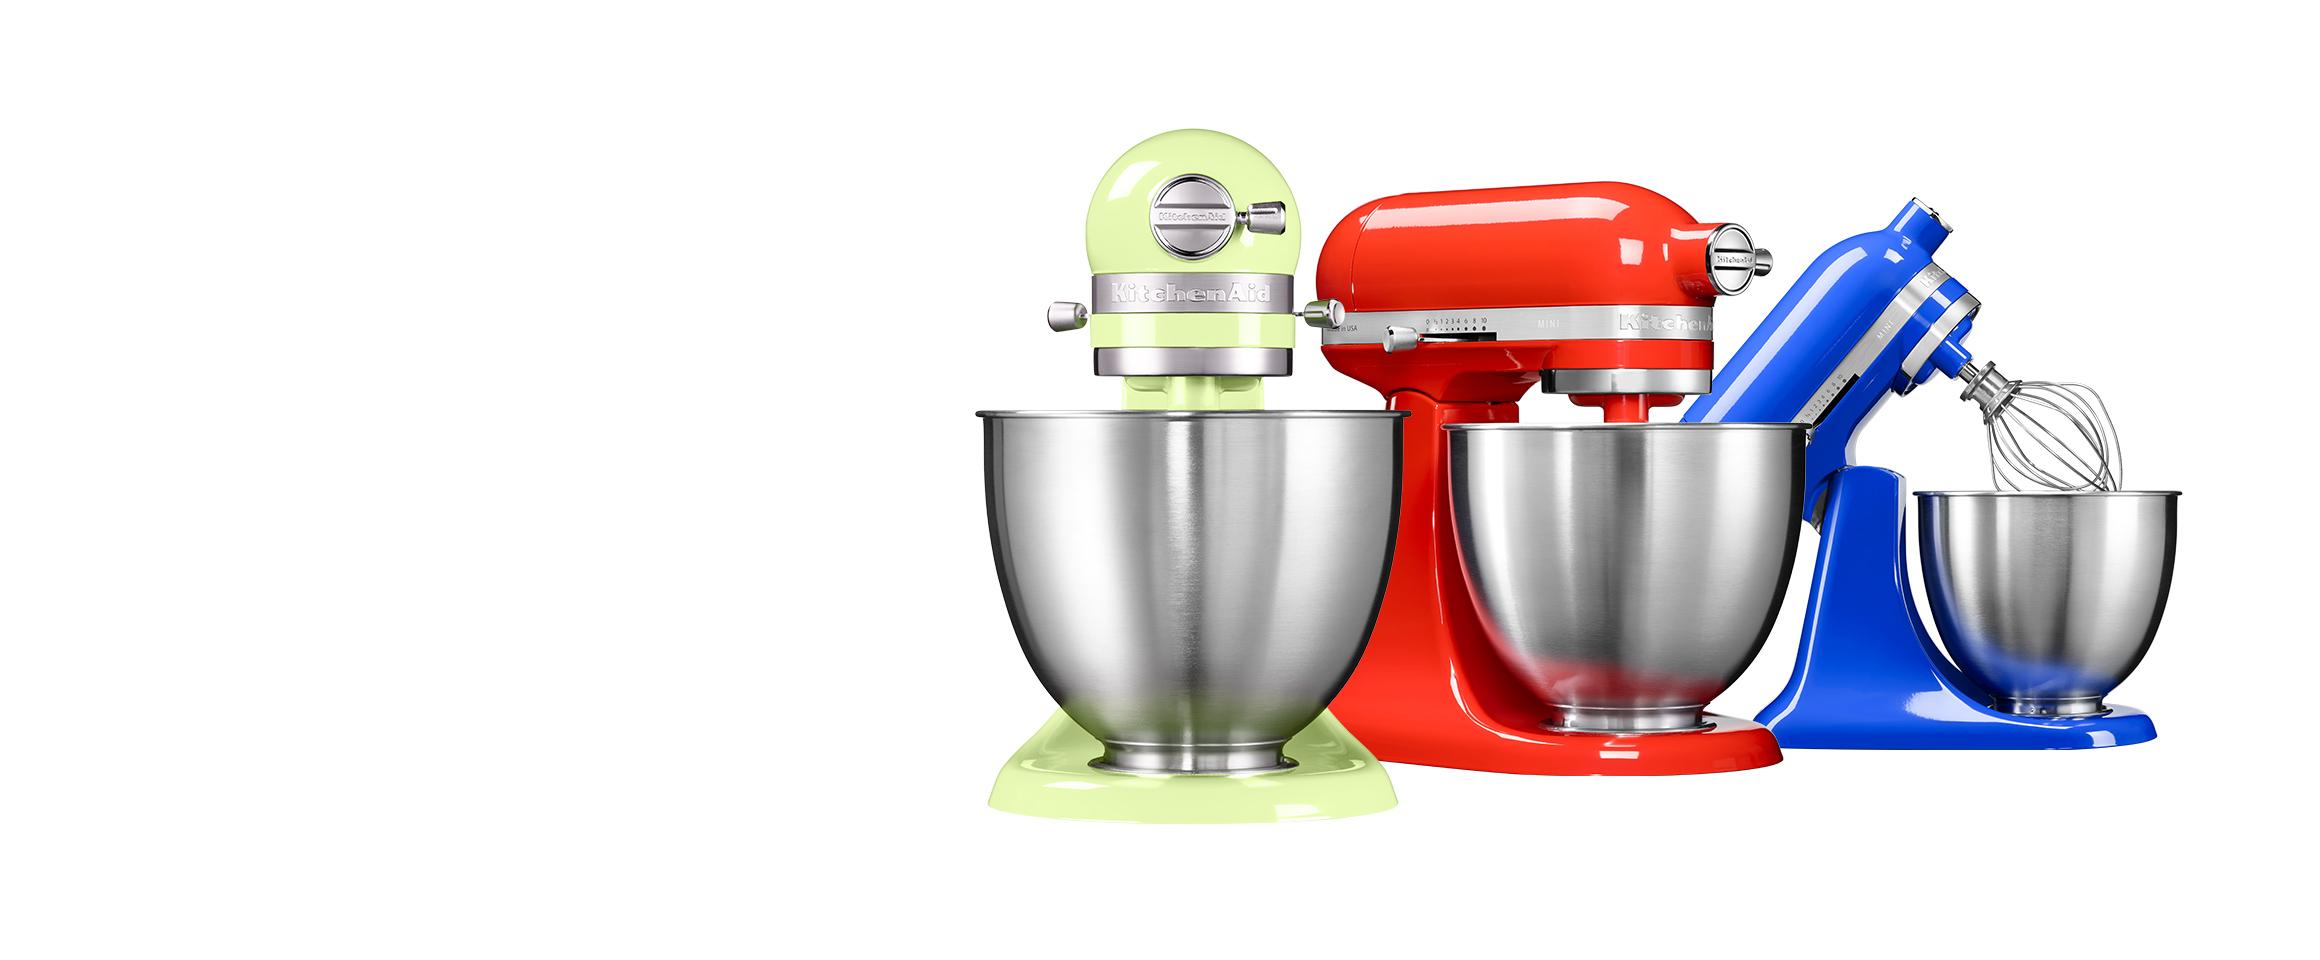 Robot da cucina piccoli elettrodomestici sito ufficiale kitchenaid - Robot per cucinare e cuocere ...